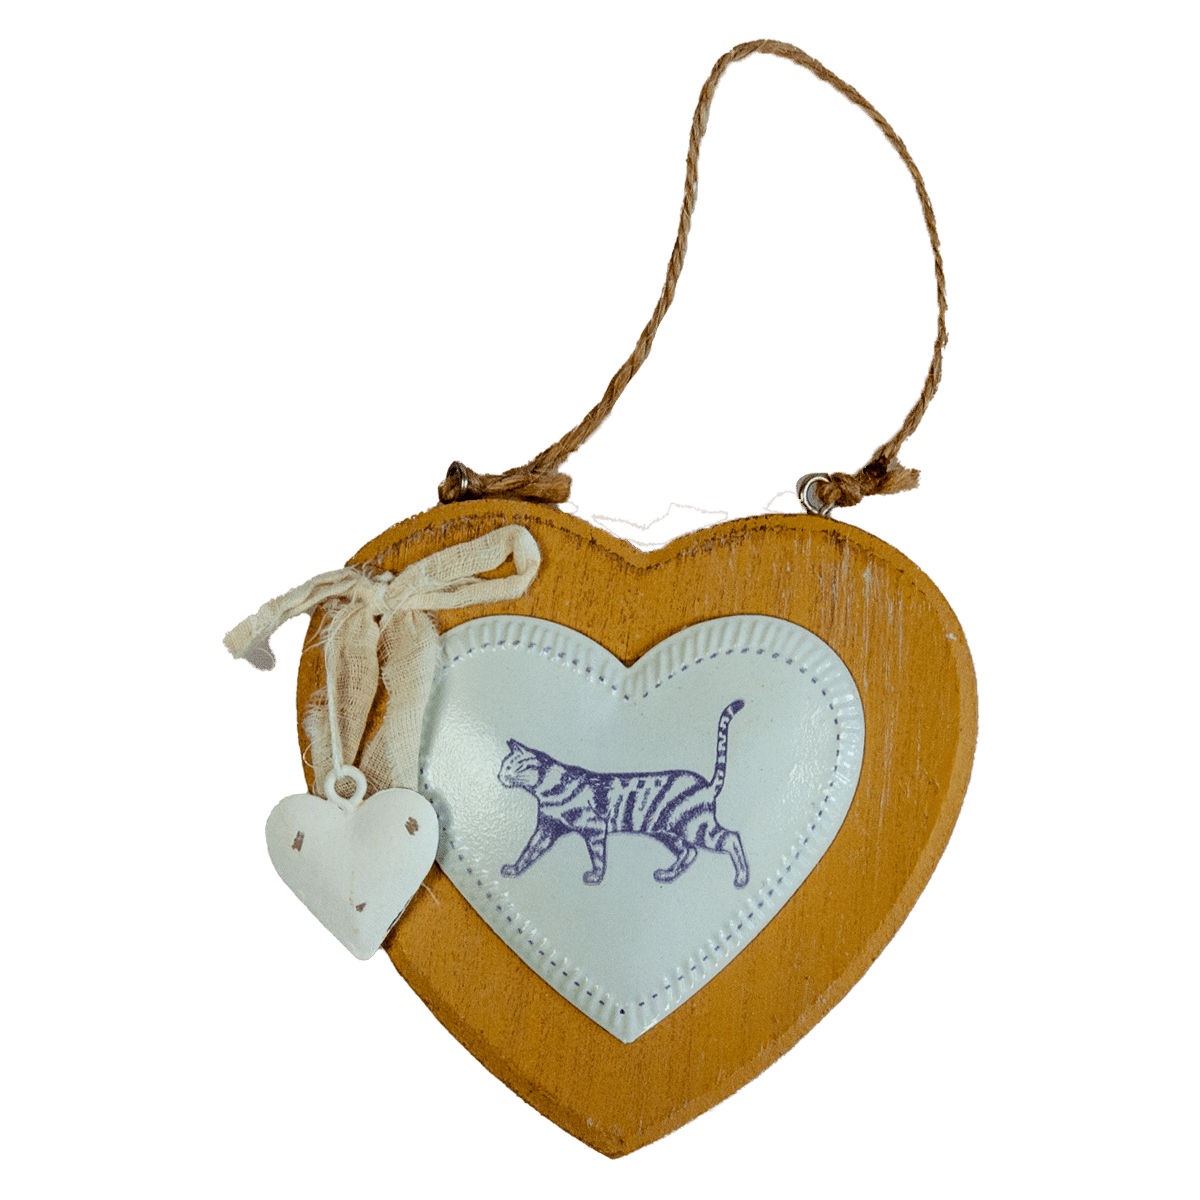 Dekorera hemmet med ett trähjärta med motiv på en katt